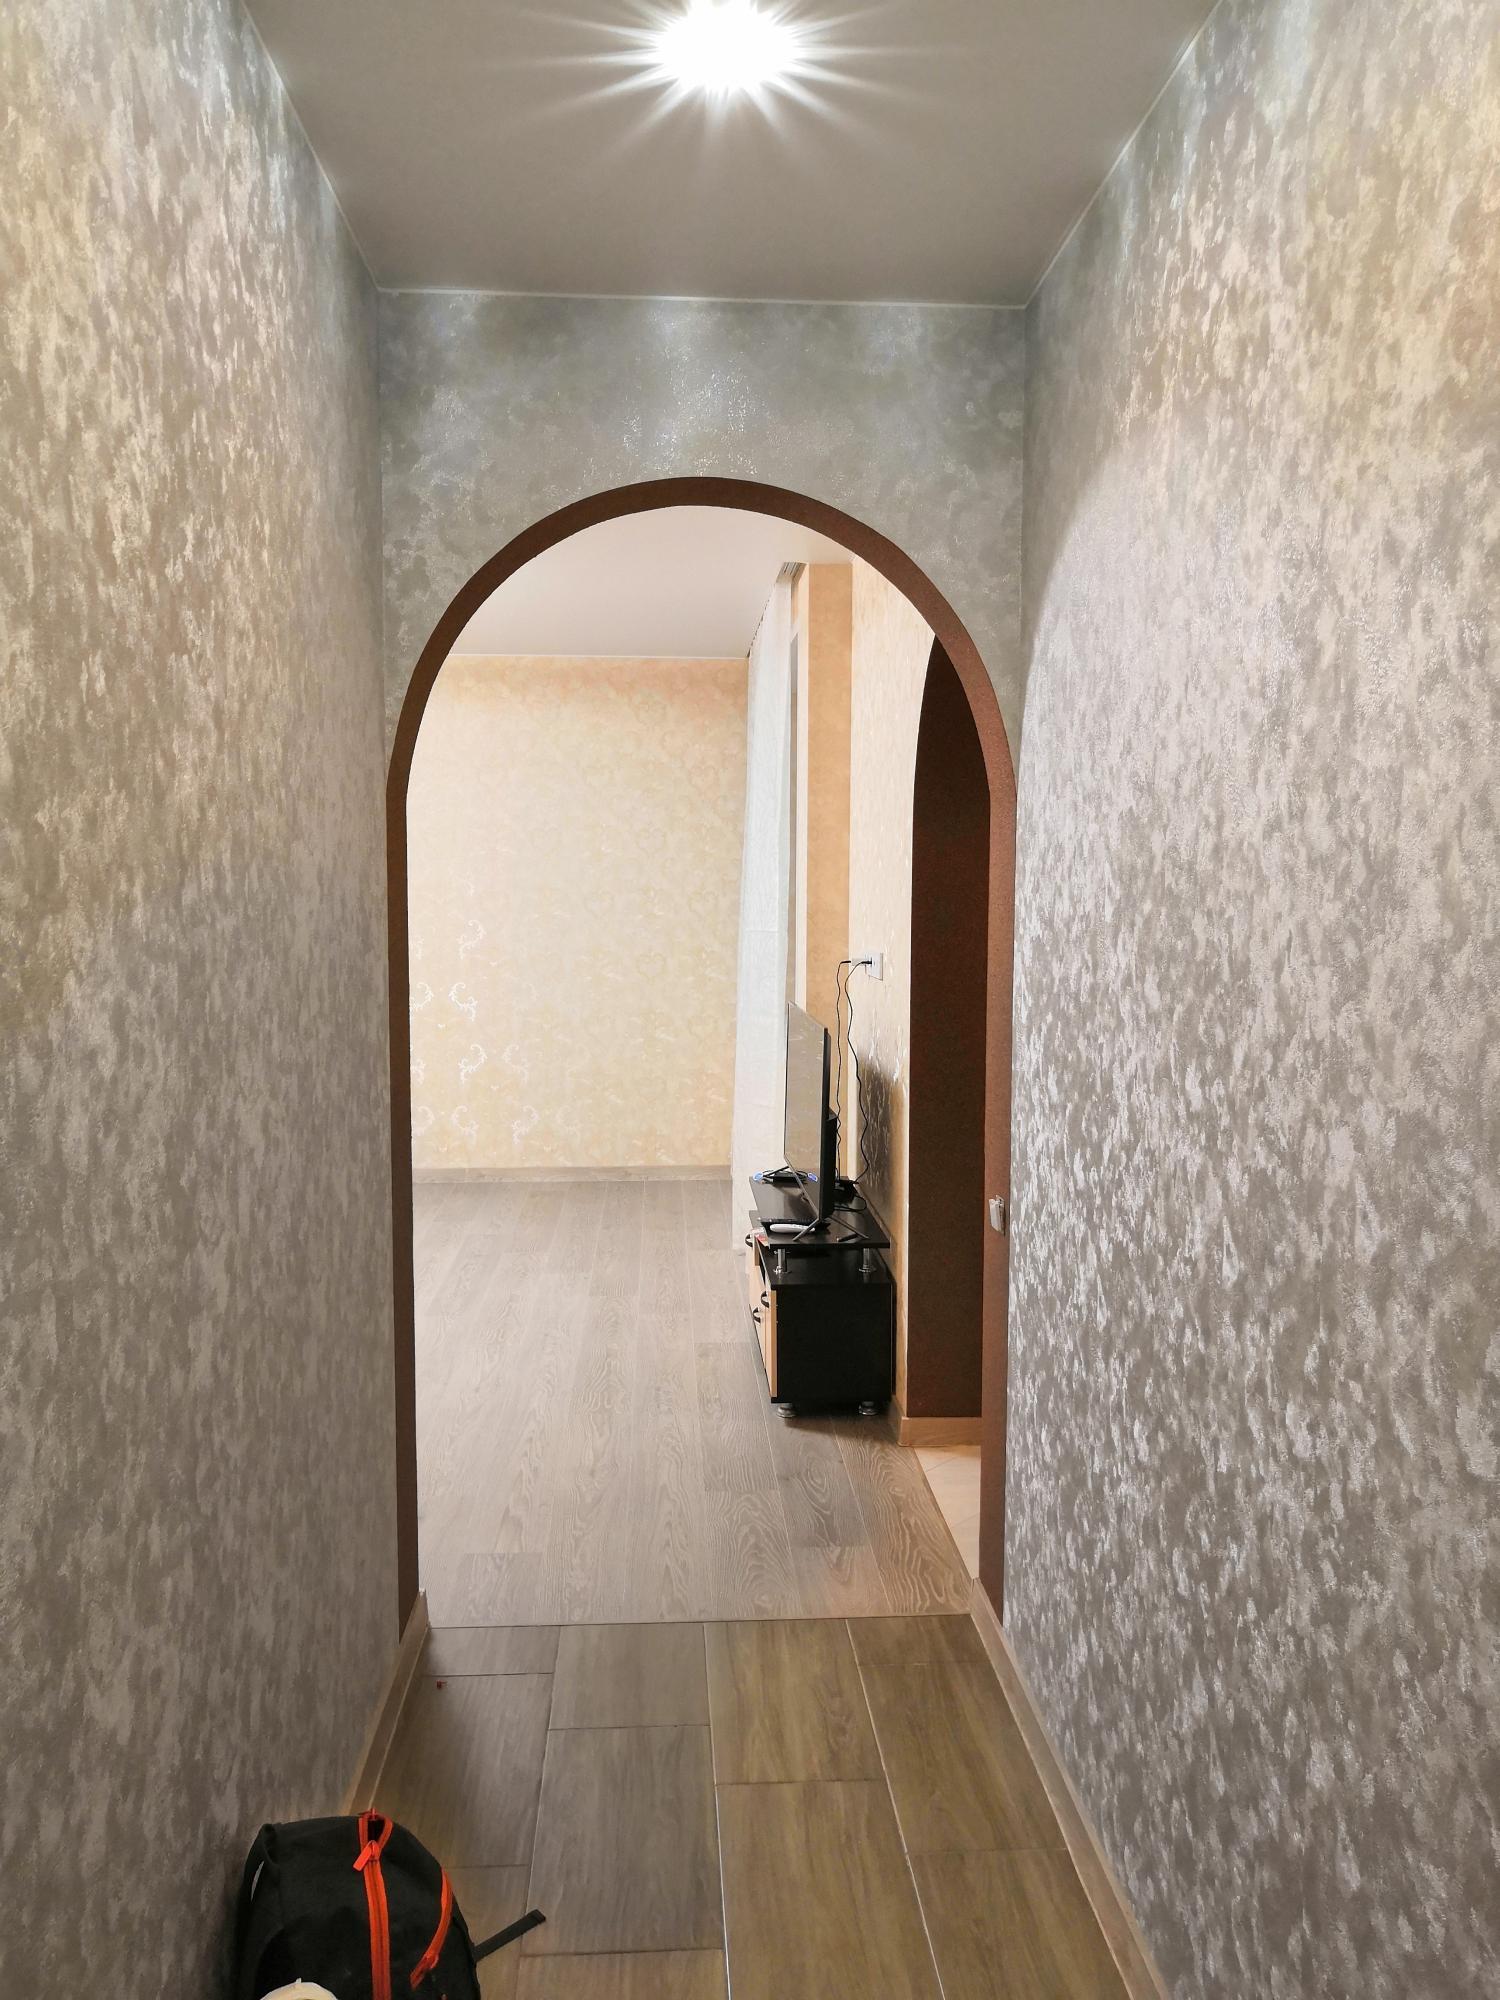 Квартира, 3 комнаты, 74 м² в Щербинке 89990025182 купить 4